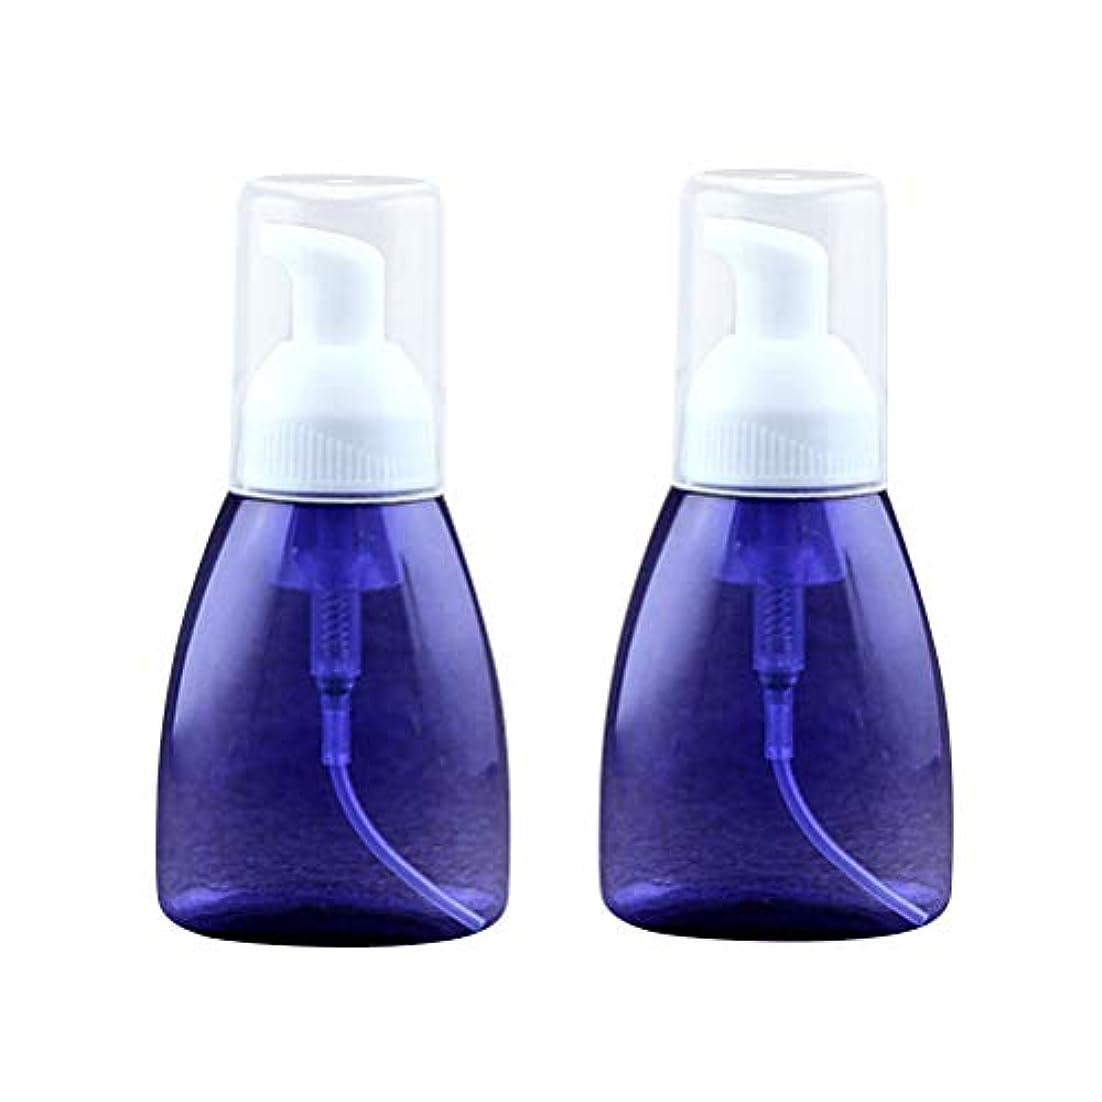 シプリー上に怖いSUPVOX 2本発泡ソープディスペンサー詰め替え式プラスチックローションボトル泡ハンドポンプ空のボトル容器クリアトラベルトイレタリーボトル用液体シャンプー80ml(ブルー)